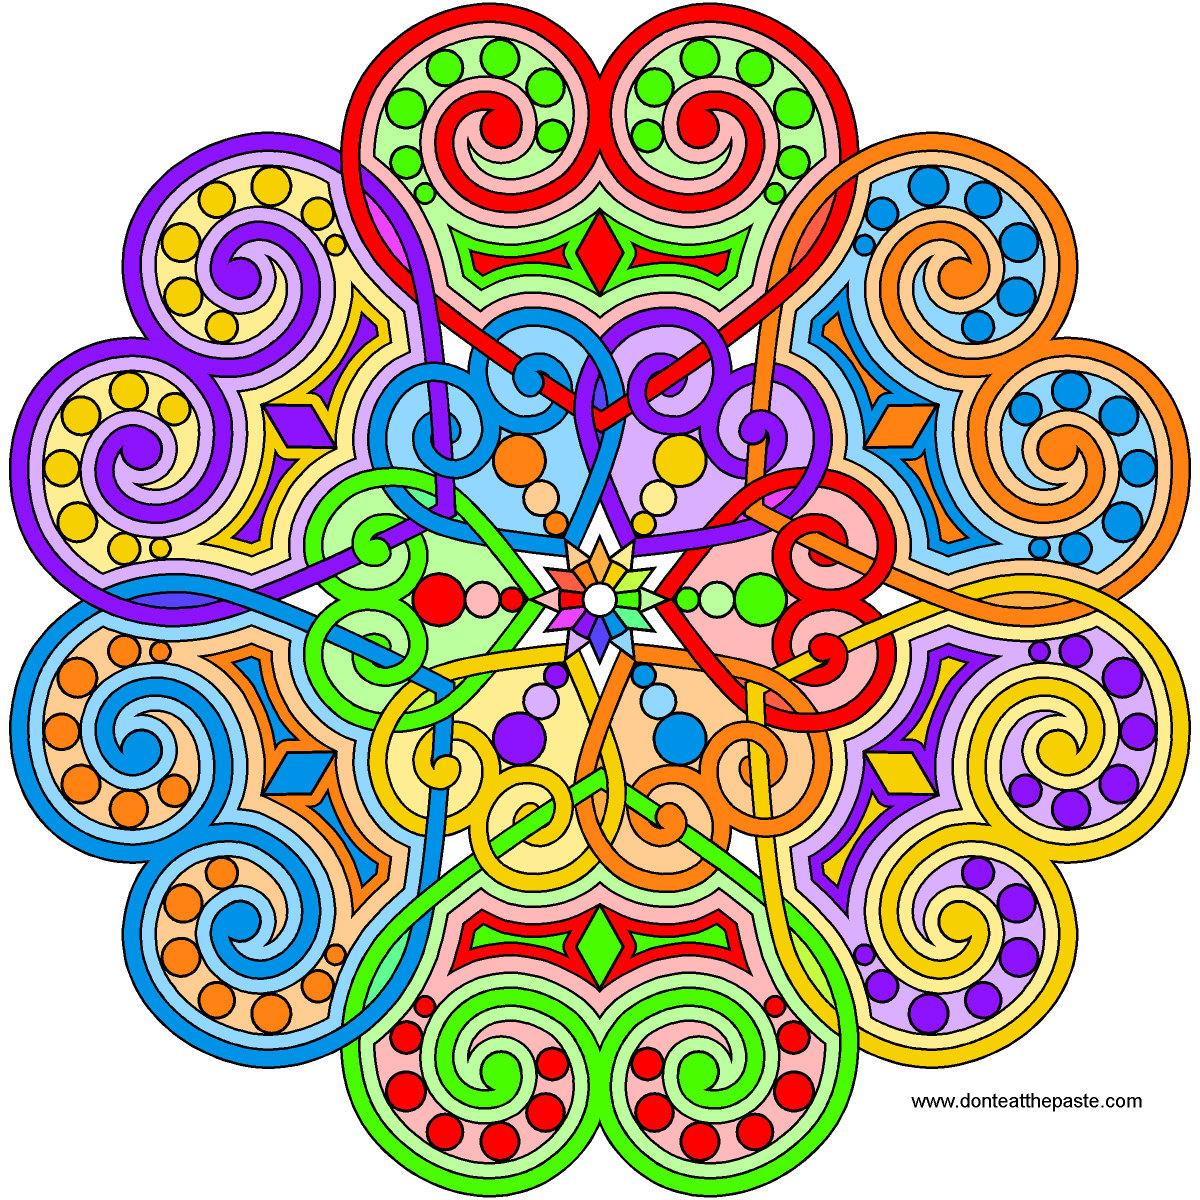 Don't Eat the Paste: Heart Mandala for Summer 2015